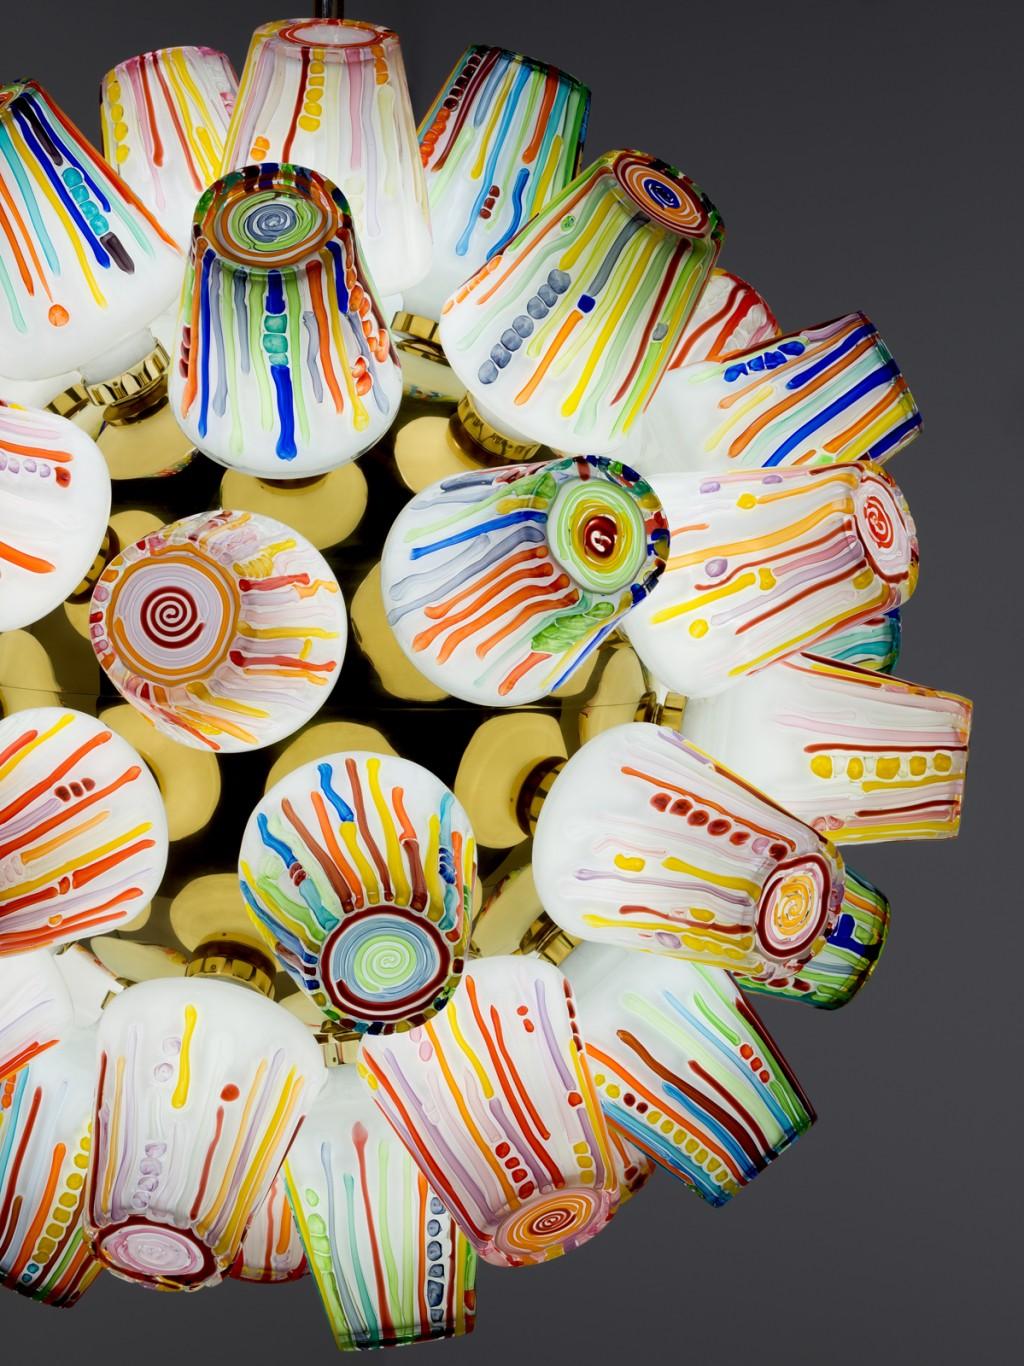 Candy Collection cho hãng Lasvit được lấy cảm hứng từ những màu sắc sặc sỡ của kẹo và khung cảnh kỳ diệu của những bong bóng thủy tinh được kéo thành hình, dẻo quyện như kẹo caramel